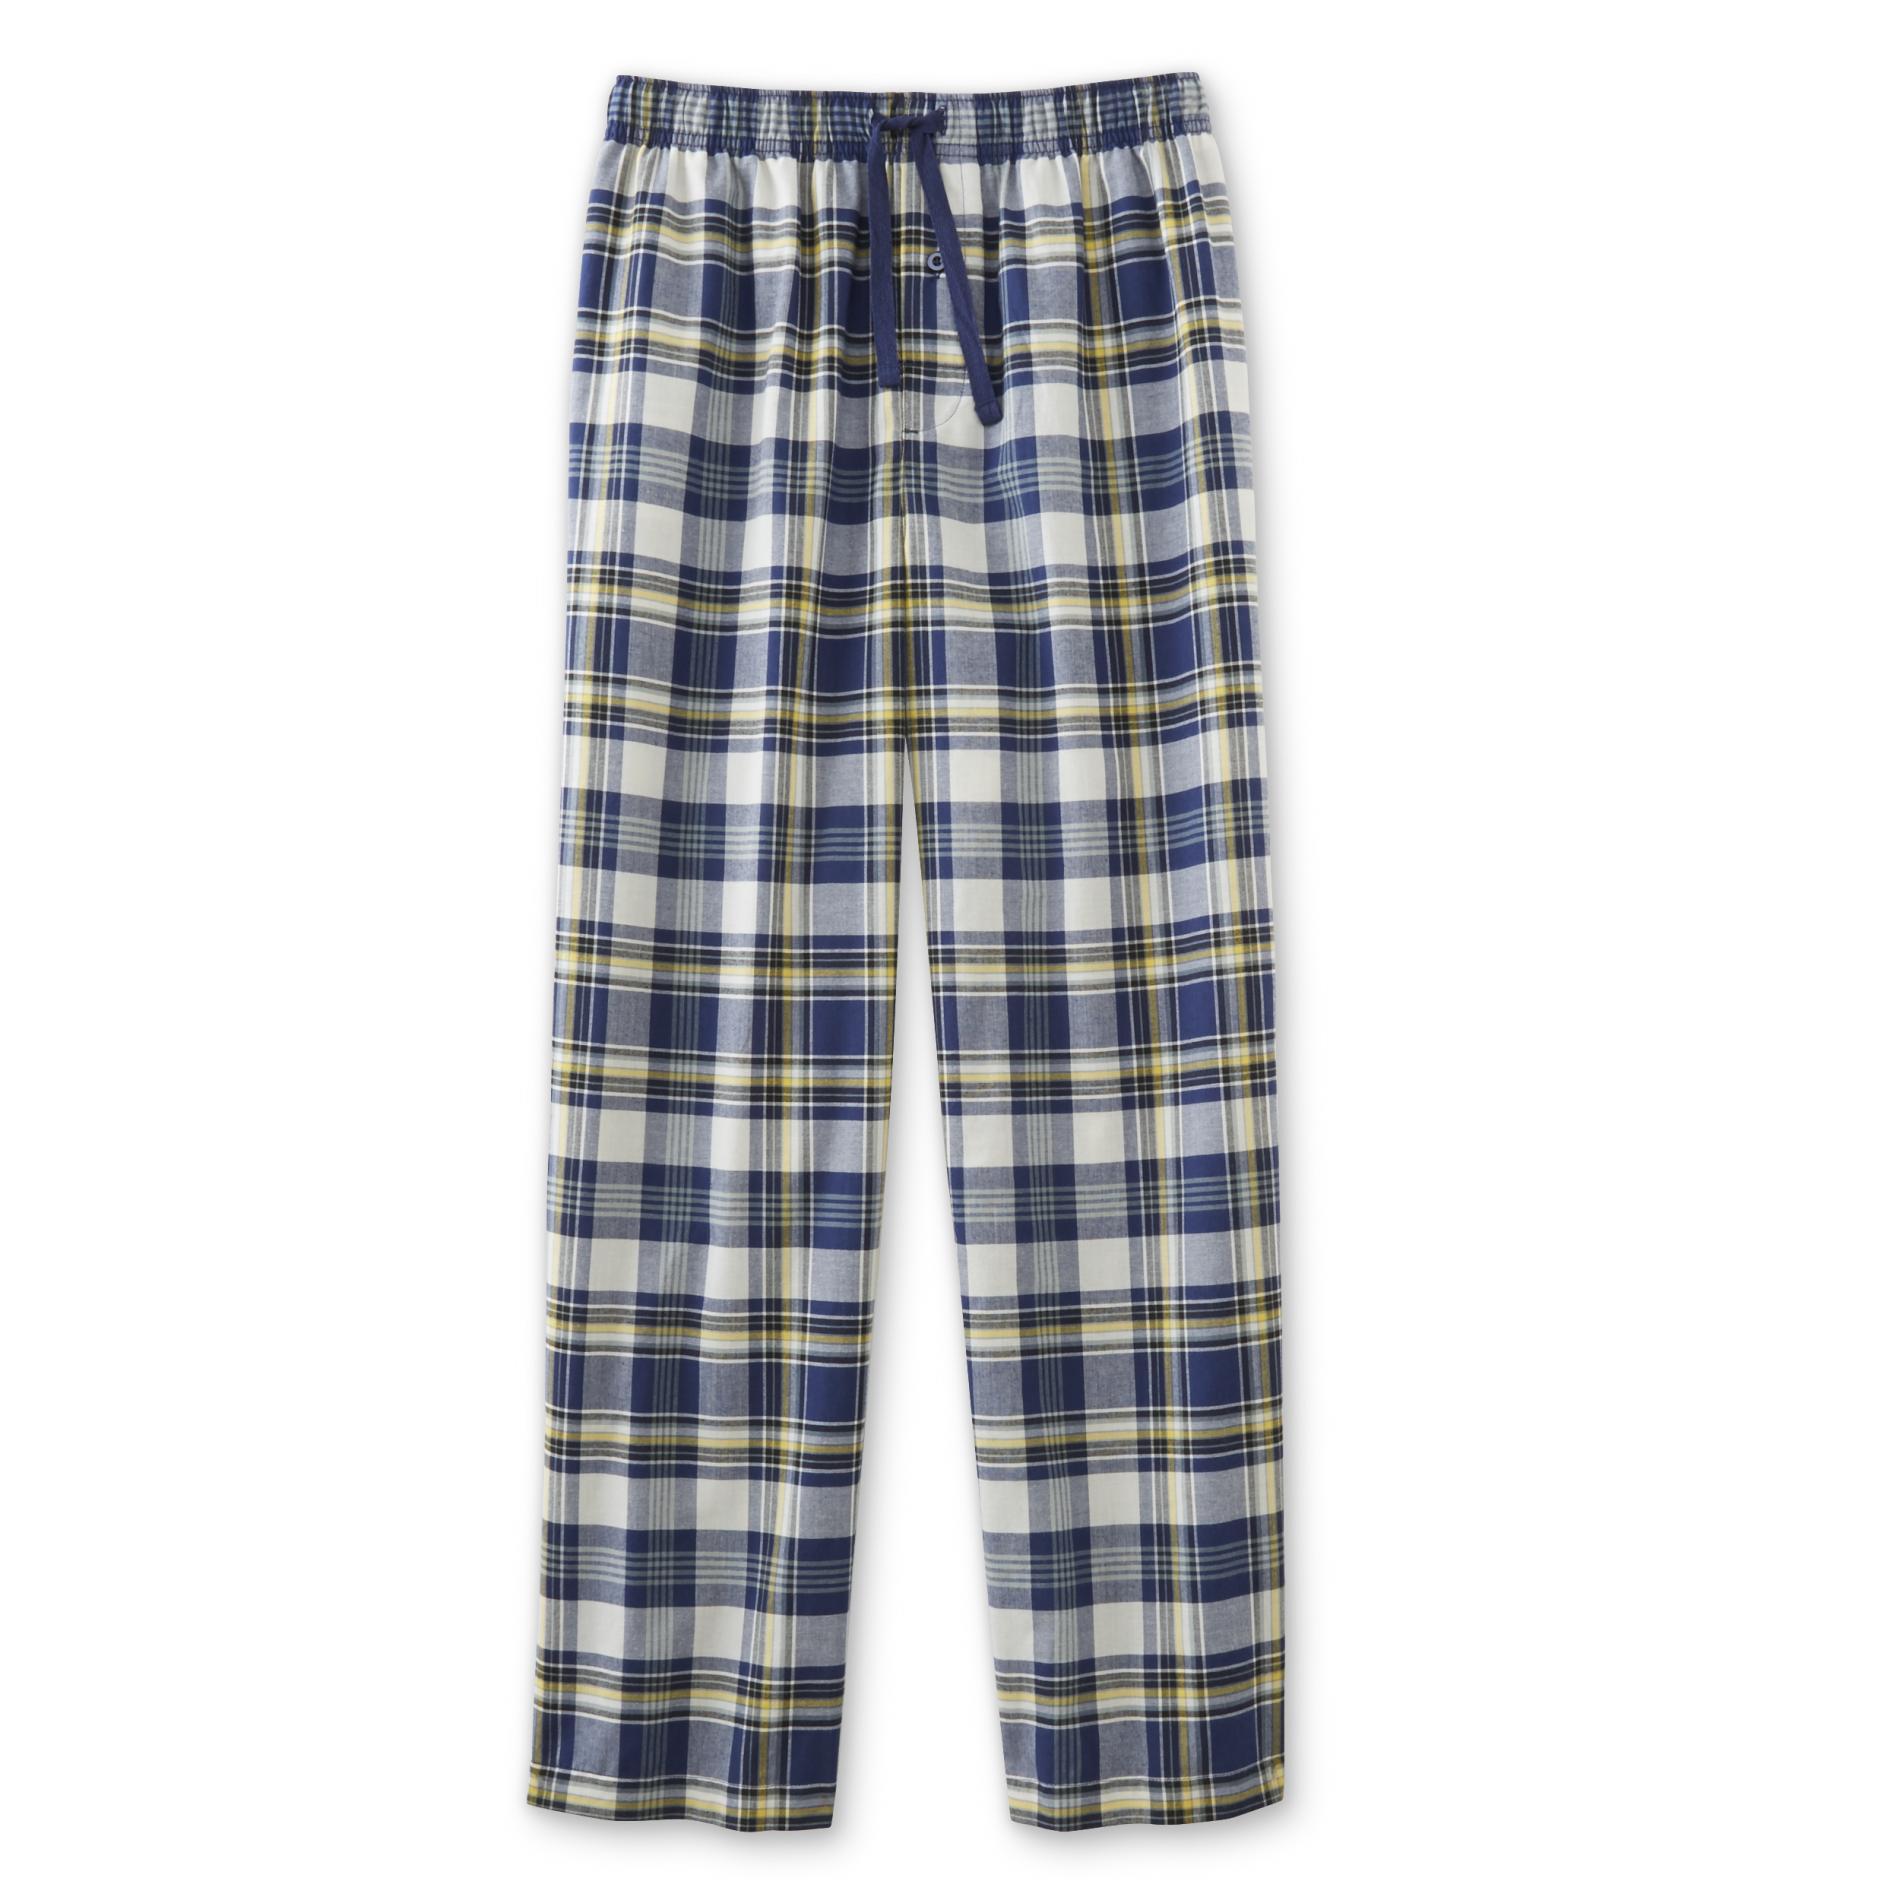 Men's Big & Tall Poplin Pajama Pants - Plaid